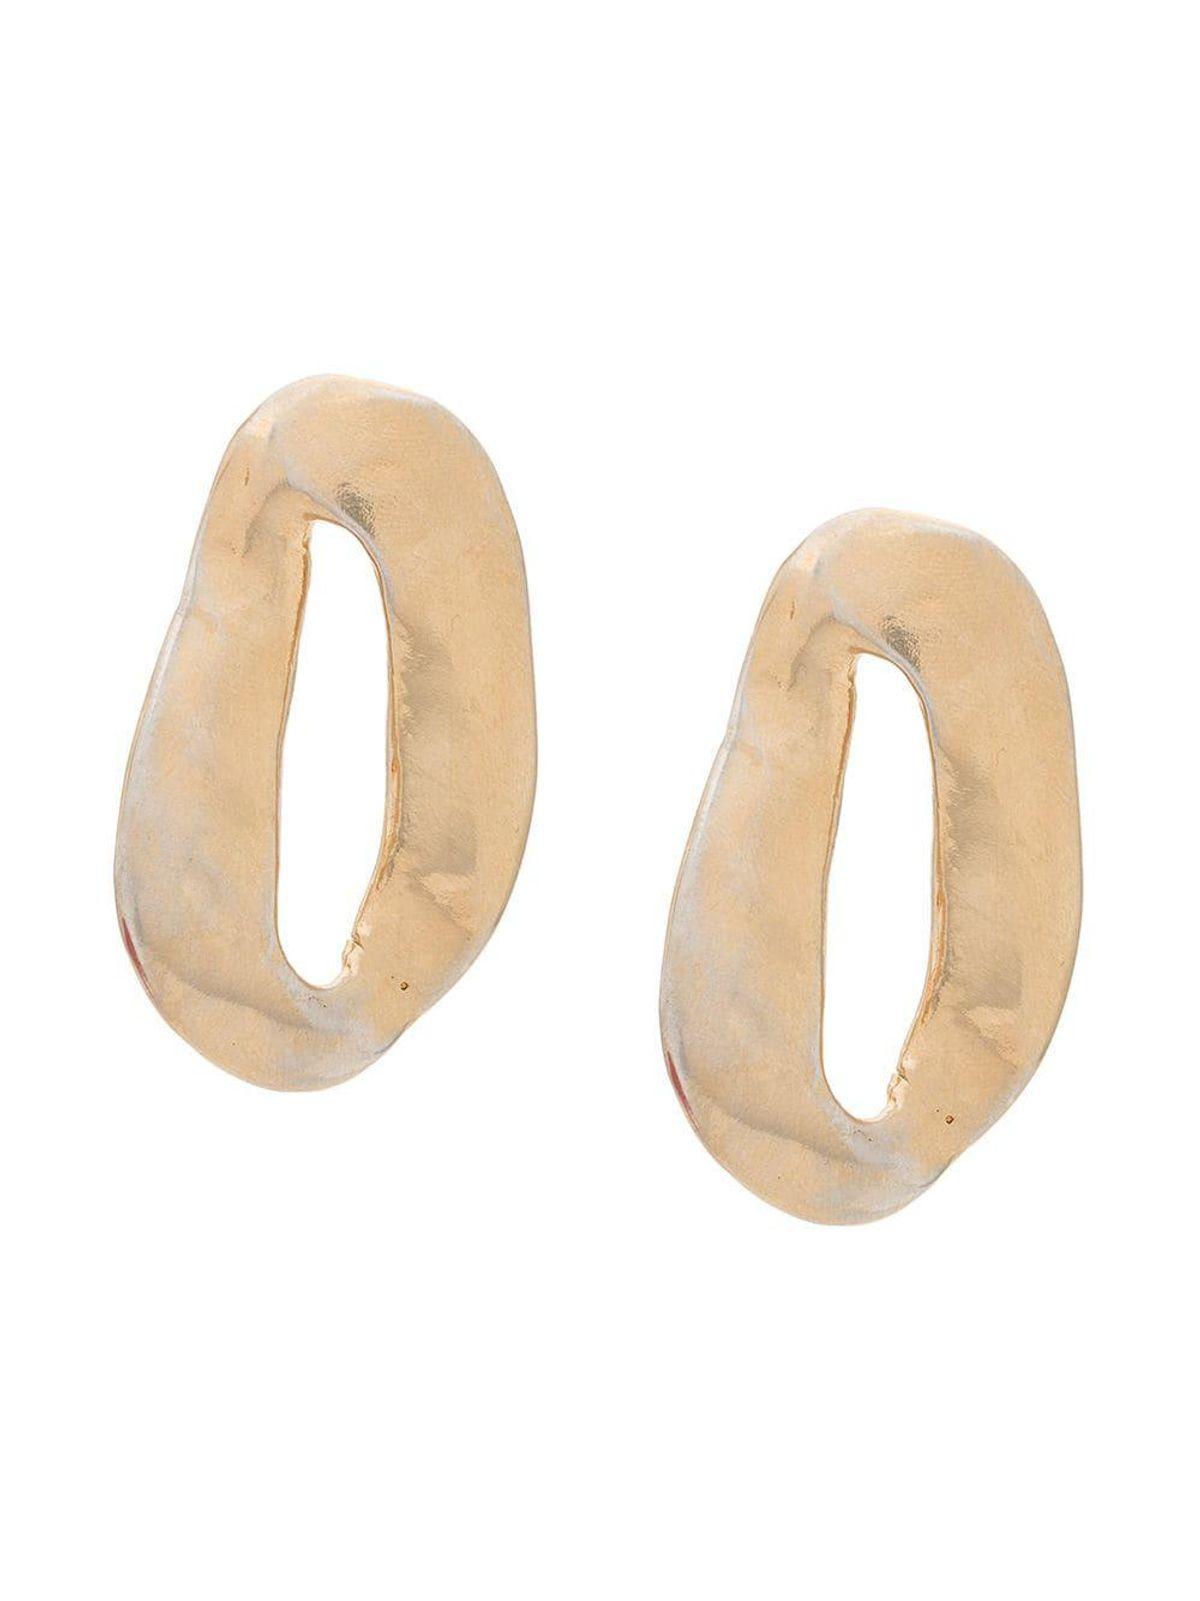 Chunk Hoop Earrings